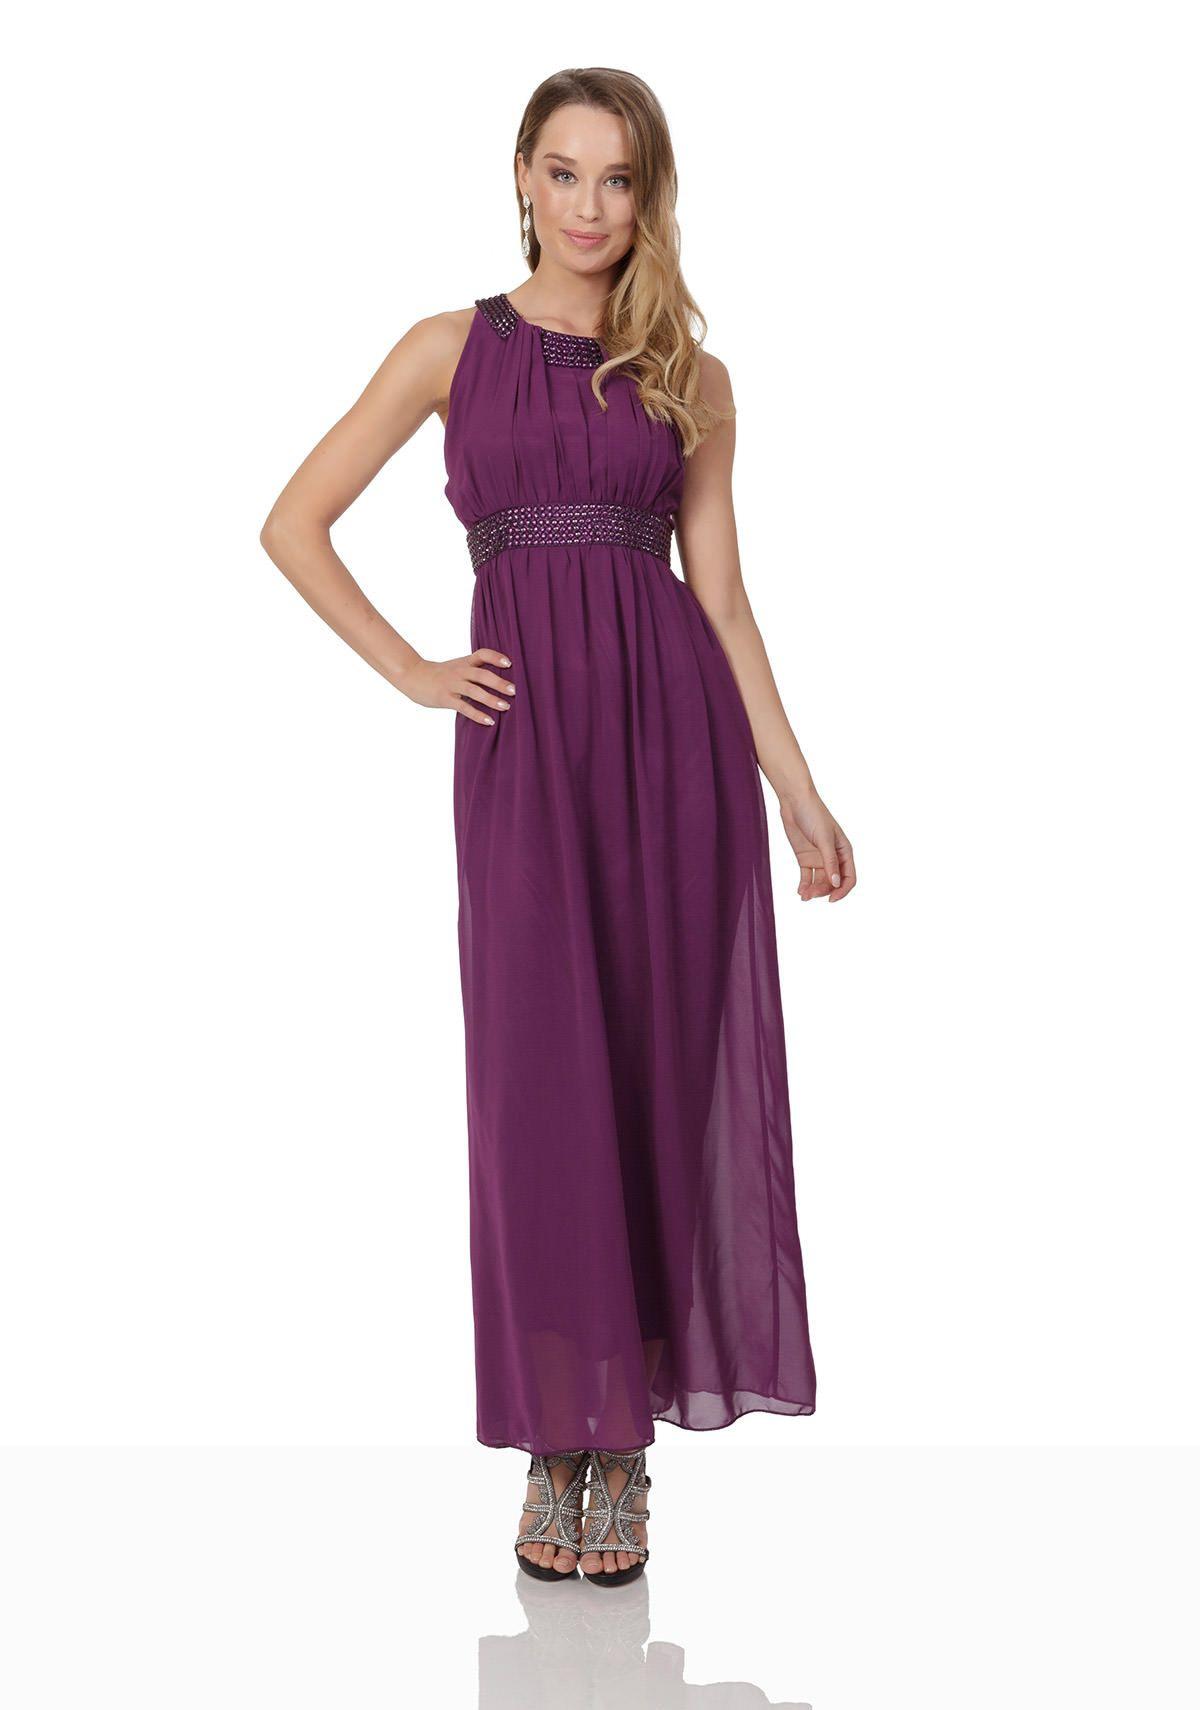 Formal Ausgezeichnet Abendkleid In Lila DesignFormal Schön Abendkleid In Lila Vertrieb